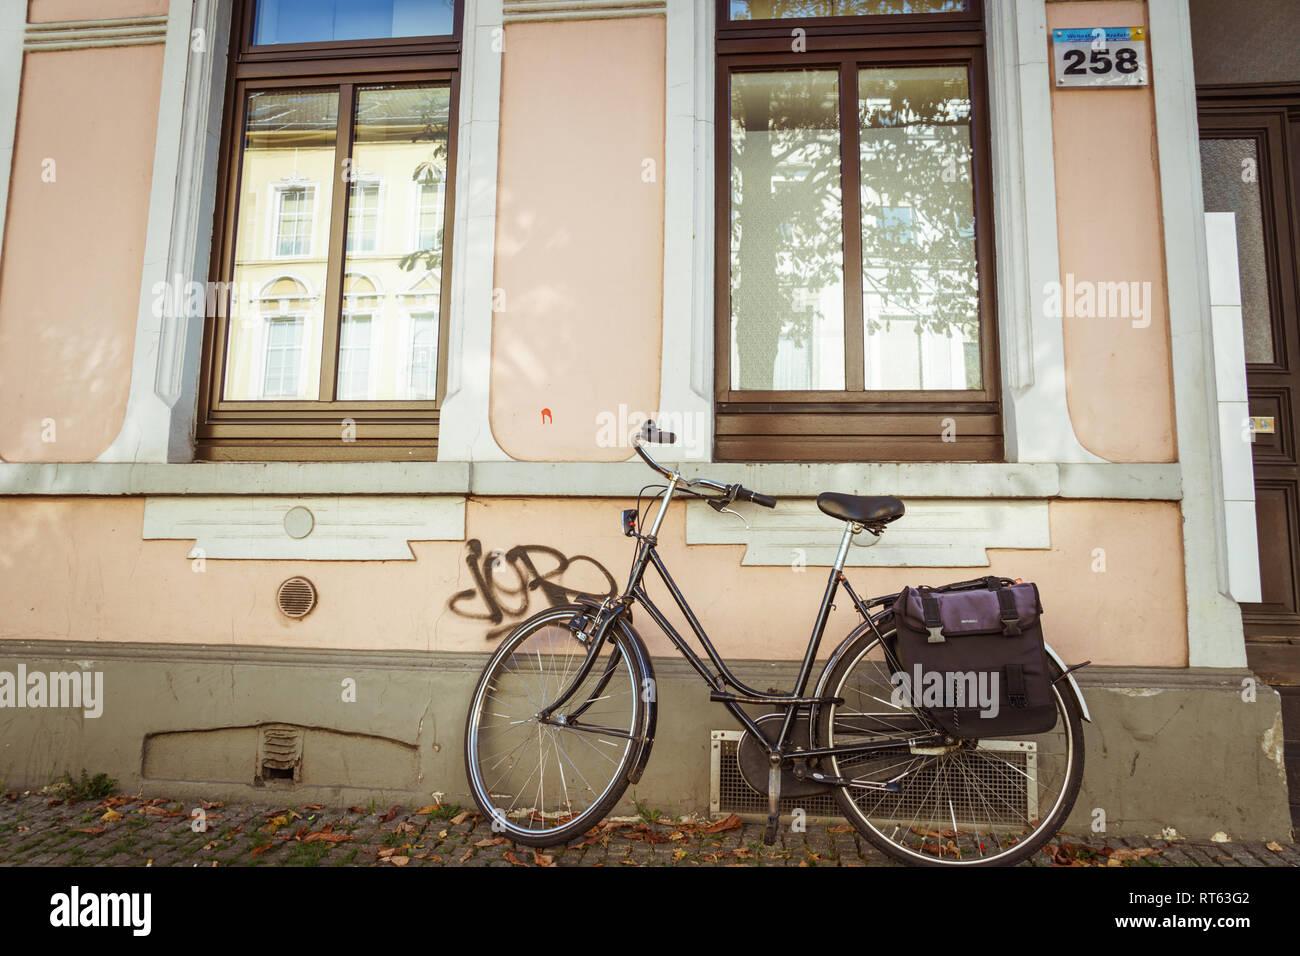 21 octobre, 2018. Ville Krefeld en Allemagne. Un vélo urbain stationné sans que personne sur une journée ensoleillée à l'automne sur une rue. Photo Stock